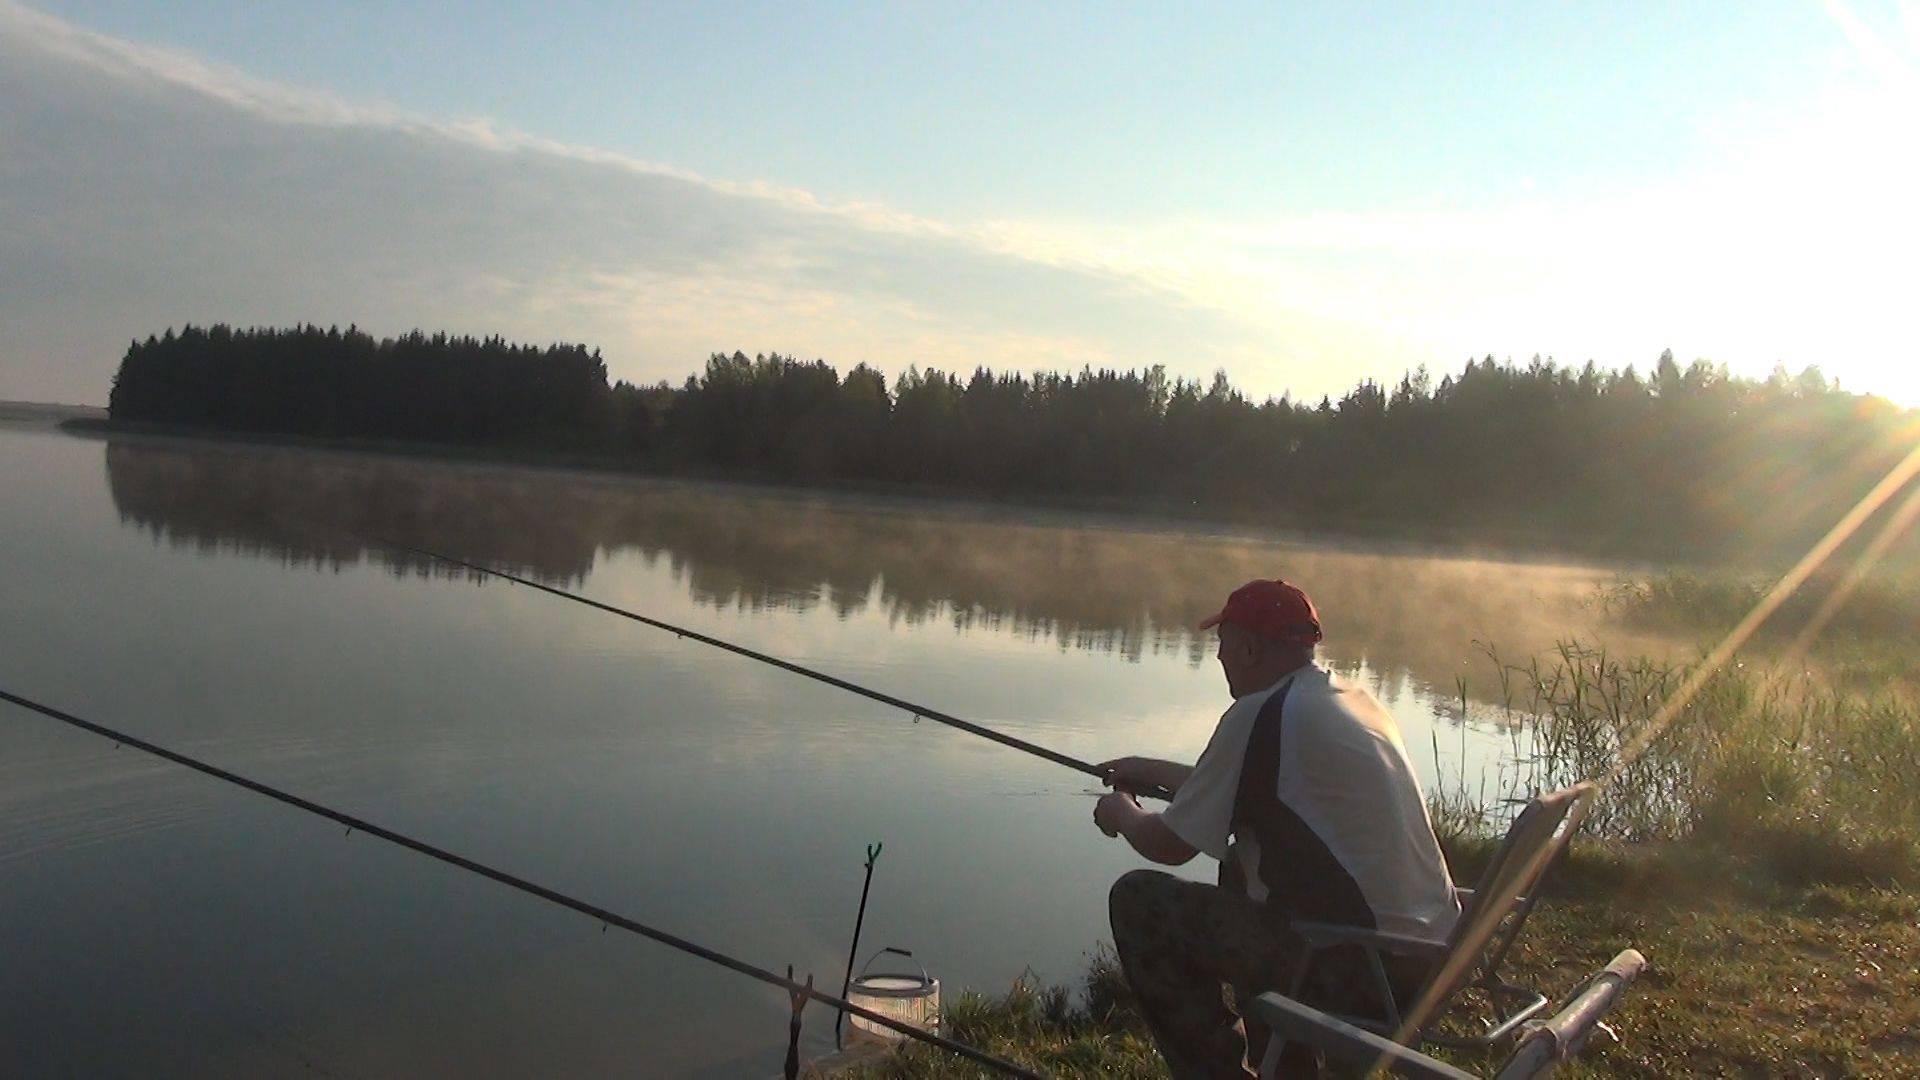 Ловля рыбы на озере – увлекательное и интересное занятие!